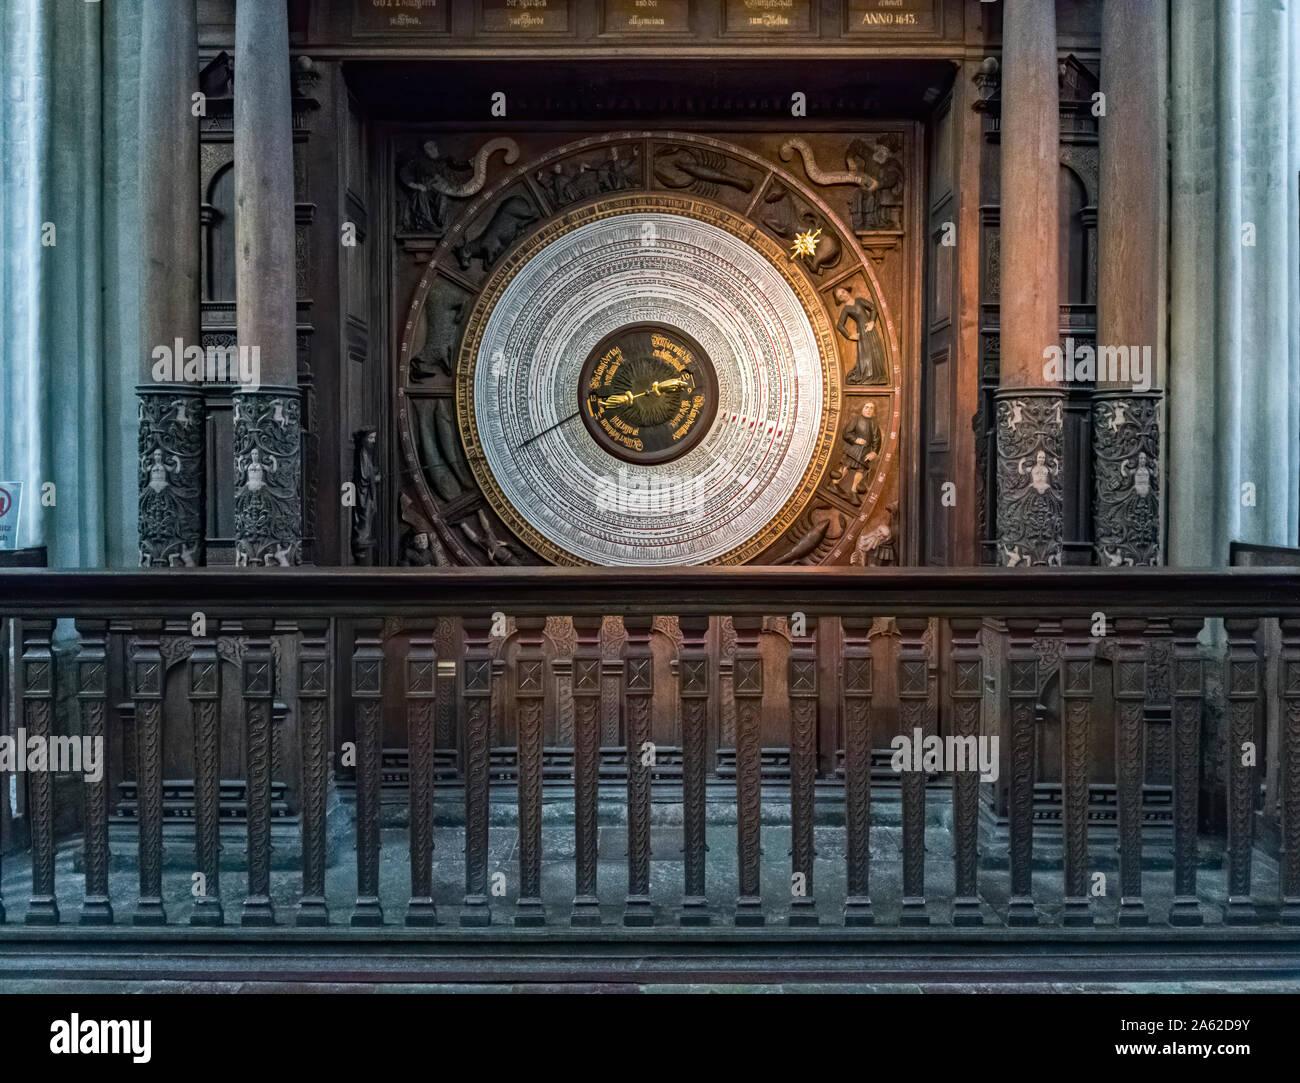 Ansicht des calenderium der Astronomischen Uhr des Marianischen Kirche der Hansestadt Rostock, Deutschland. Stockfoto